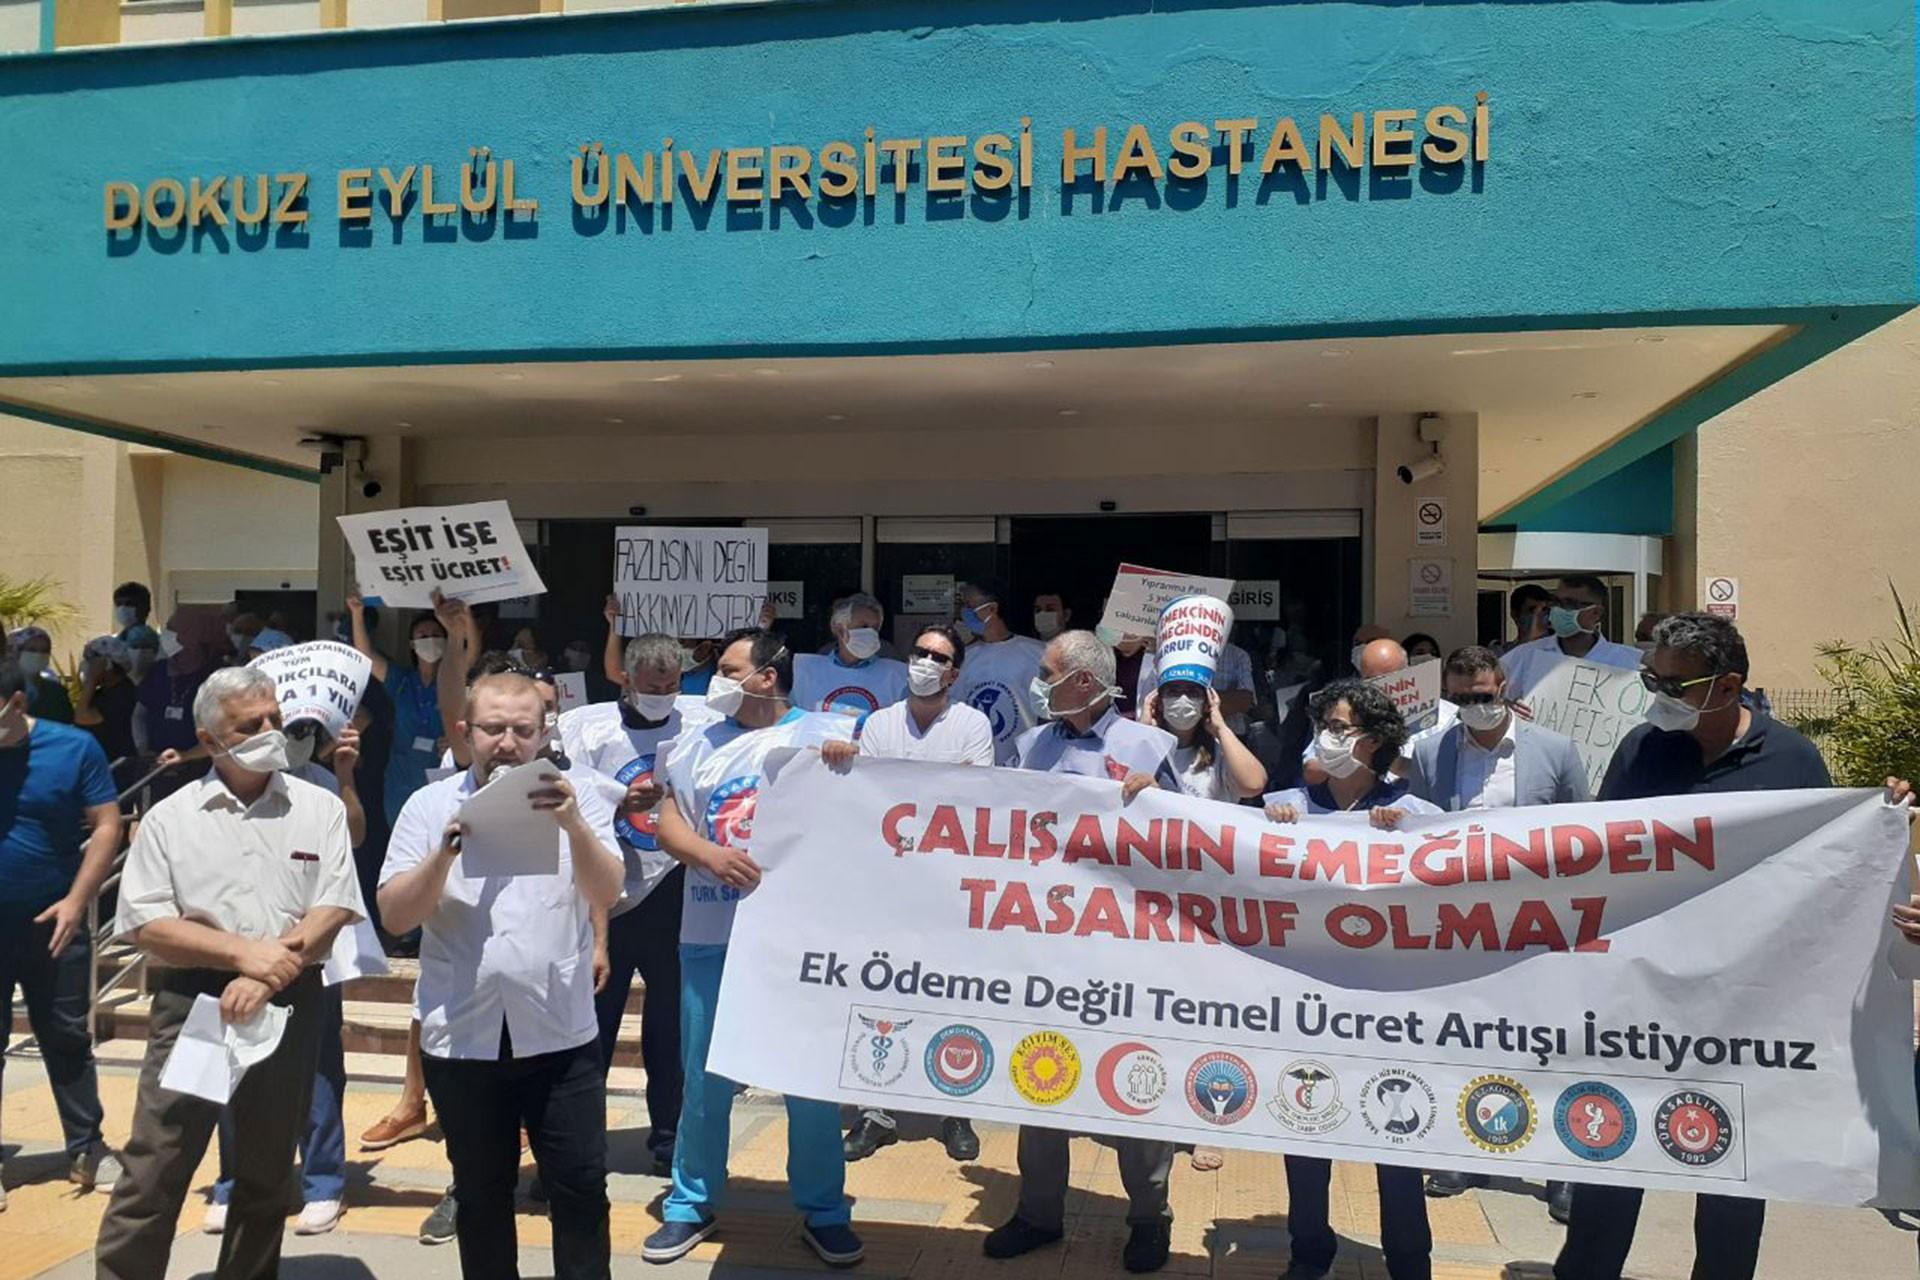 Dokuz Eylül Üniversitesi Hastanesi tabelası (yukarıda) önünde sağlık çalışanları basın açıklaması yapıyor